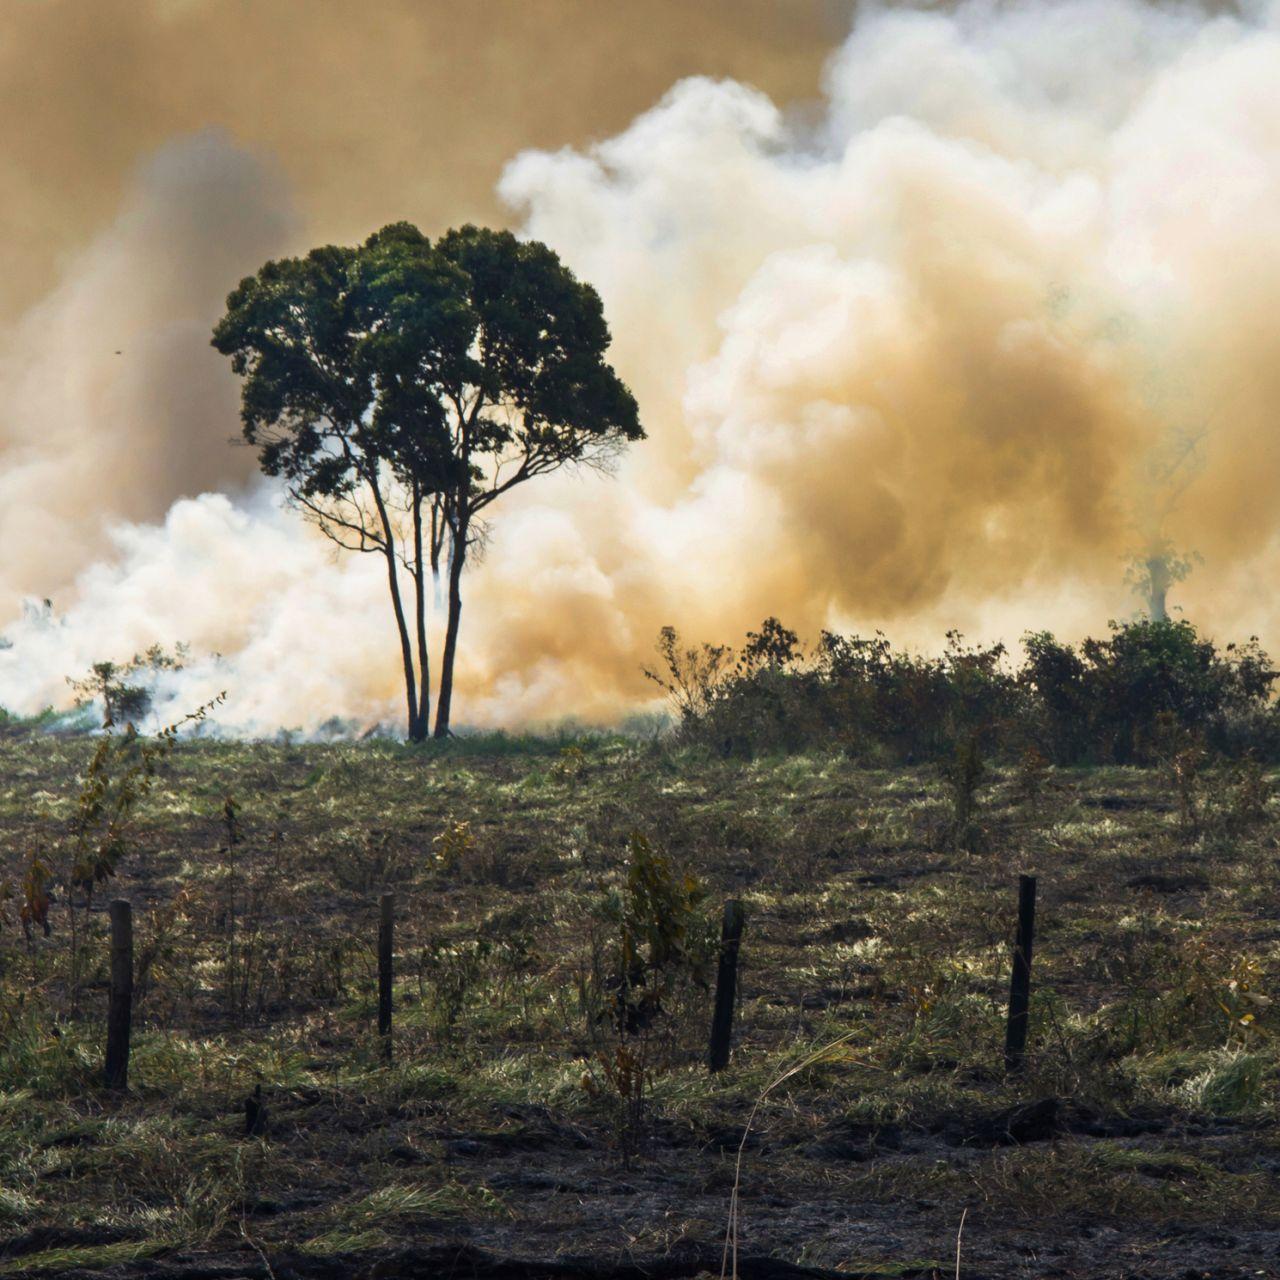 Alarmstufe Rot im Amazonas-Regenwald, aber du kannst ihn retten